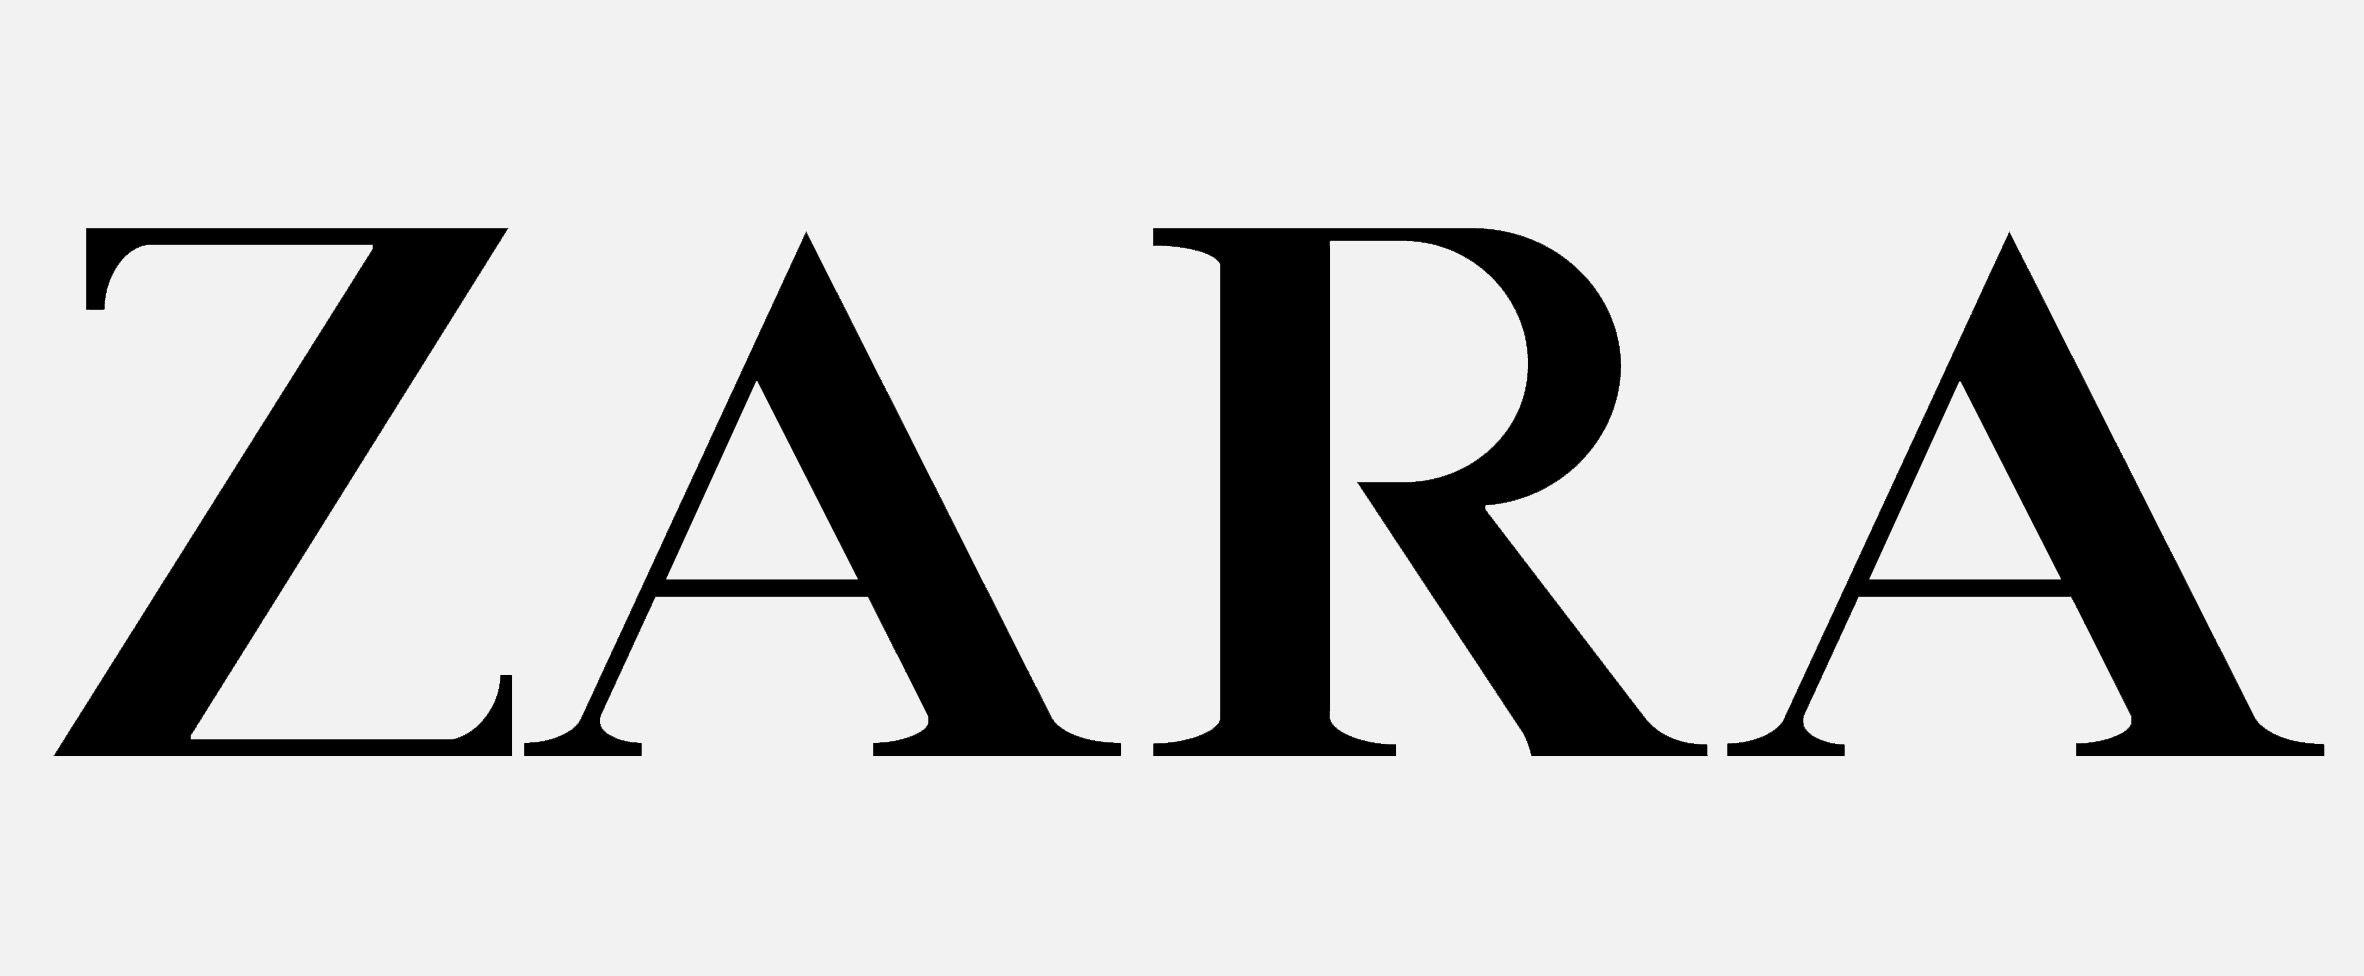 Zara S Logo Gets A Controversial Revamp By Baron Baron